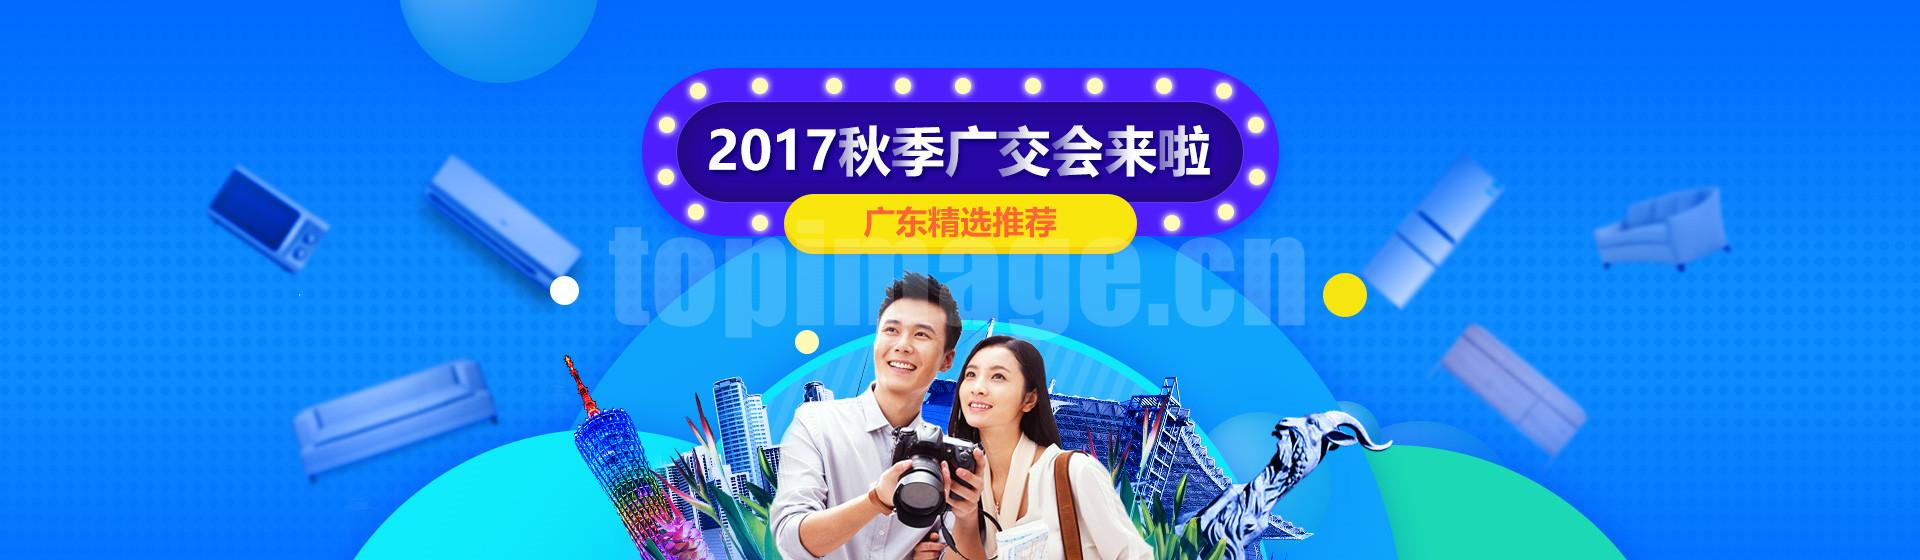 广交会专题banner淘宝促销海报